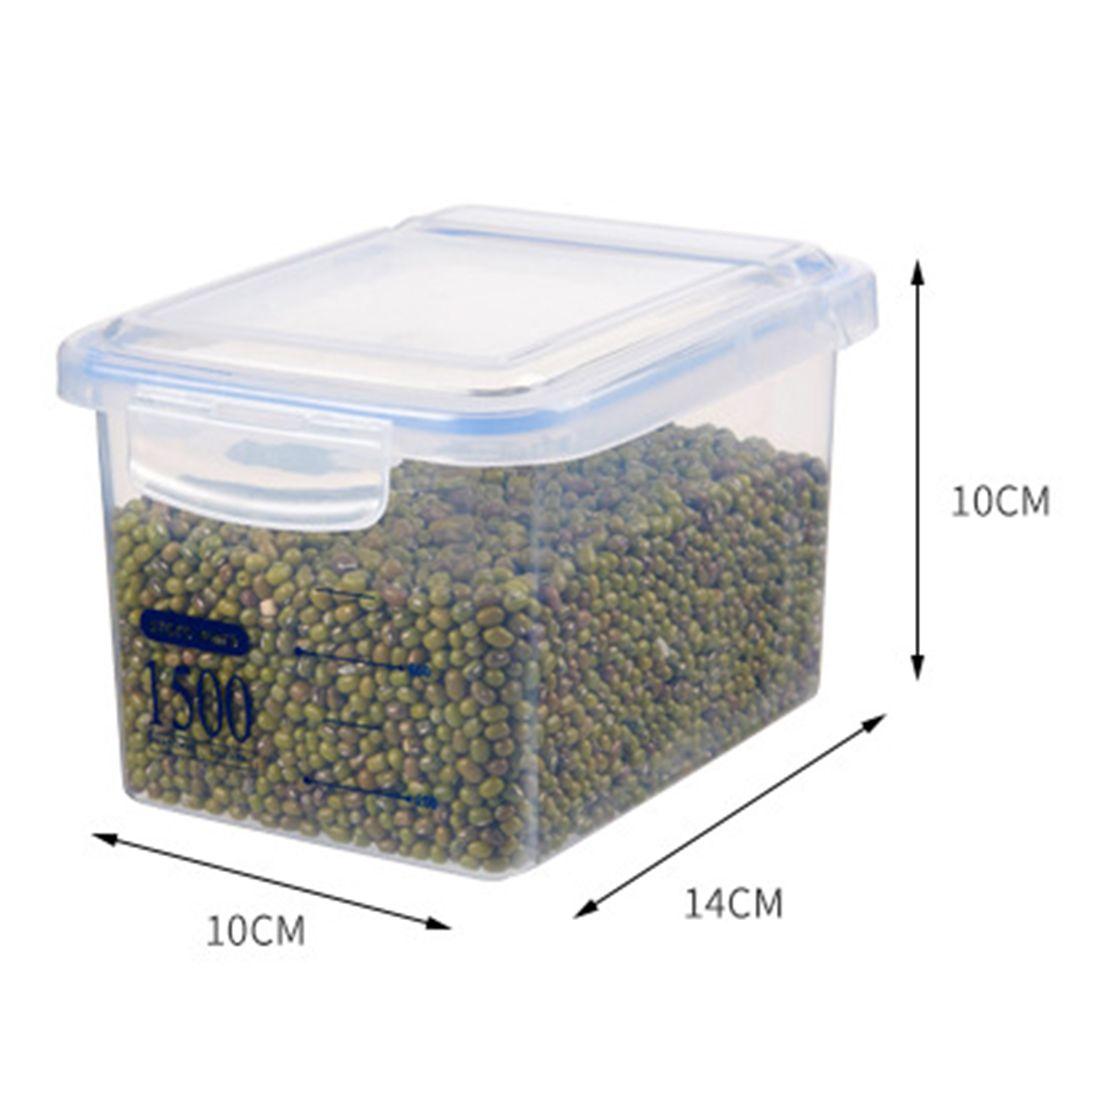 Drêches Container 3pcs / Equerre alimentaire Boîte de rangement étanche réservoir de cuisine de fruits secs Réservoirs Sealed - Bleu + Transparent